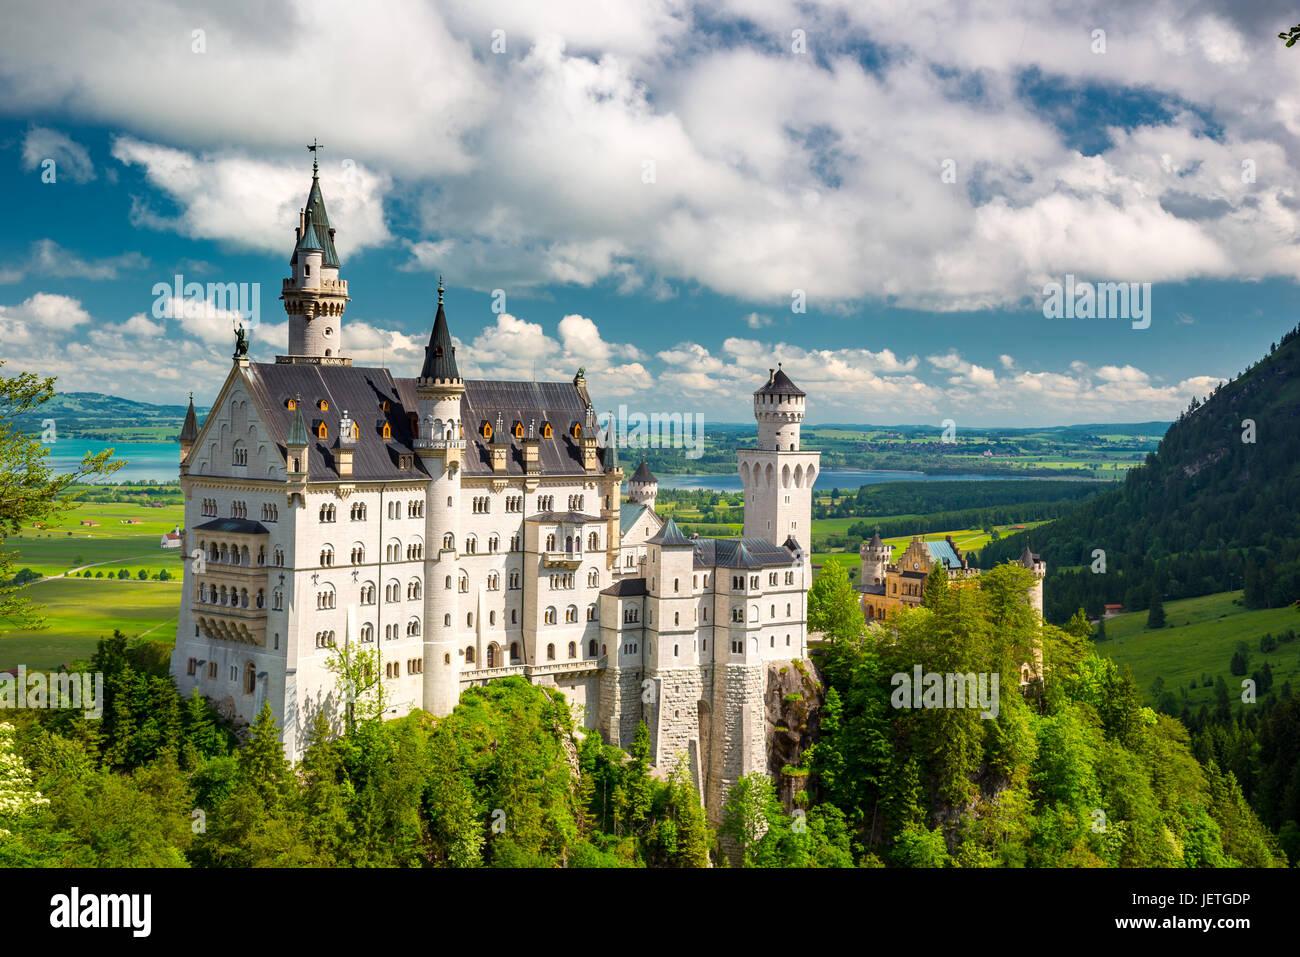 Neuschwanstein château médiéval. Dans le ciel bleu et les Alpes. Belle vue sur le château. Ouvrir Photo Stock